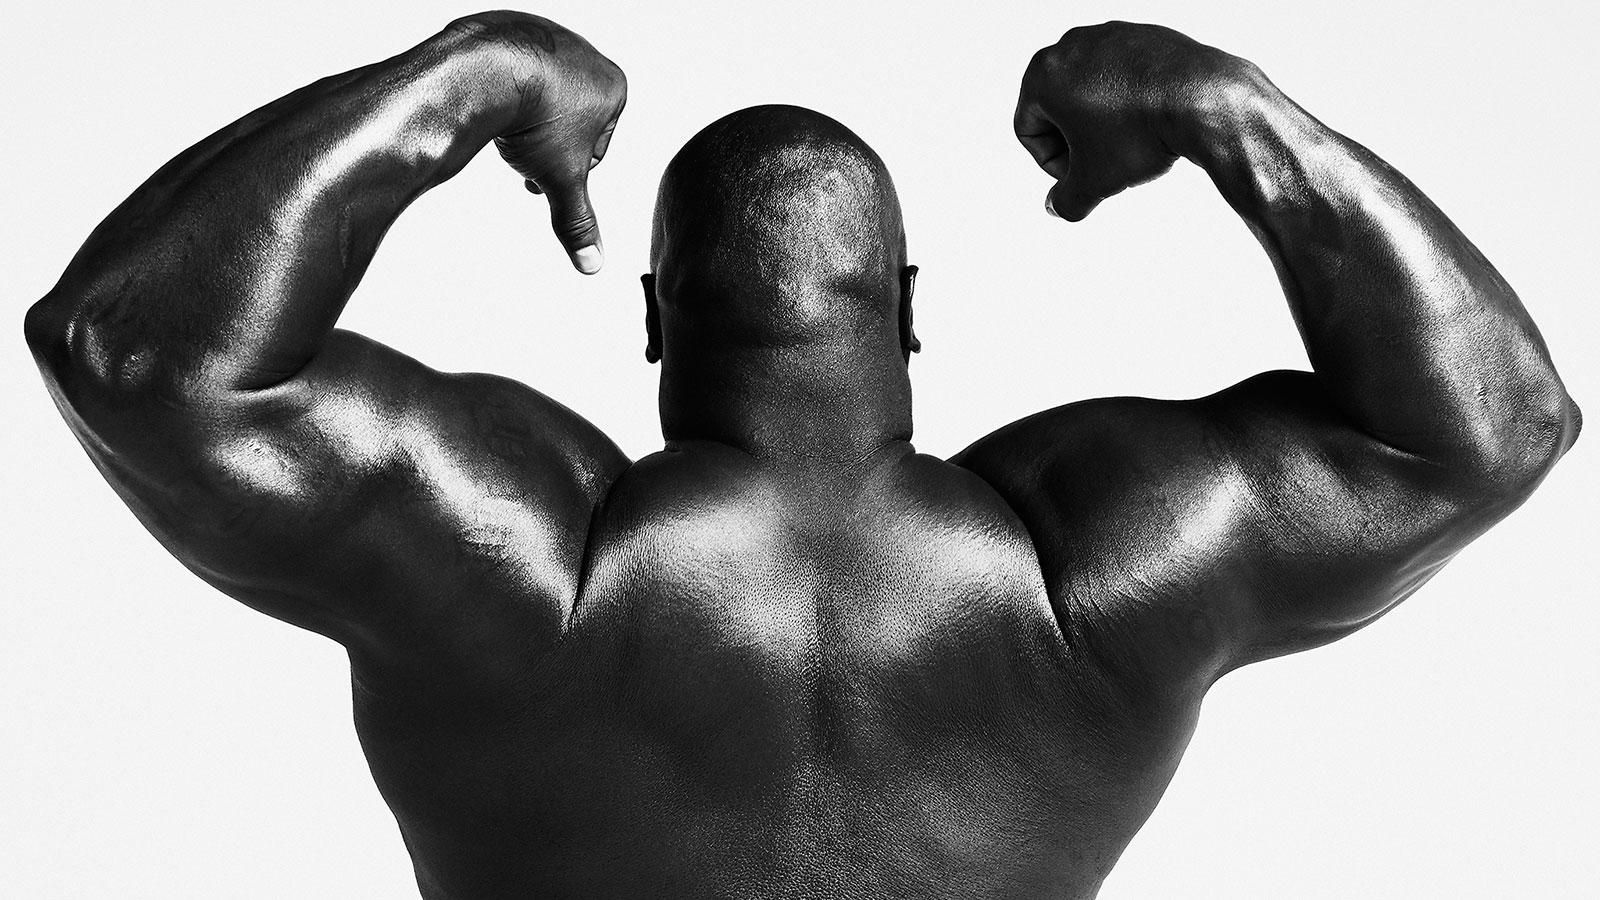 Vince Wilfork. В ежегодной фотосессии Body Issue для журнала ESPN приняли участие 20 известных спортсменов